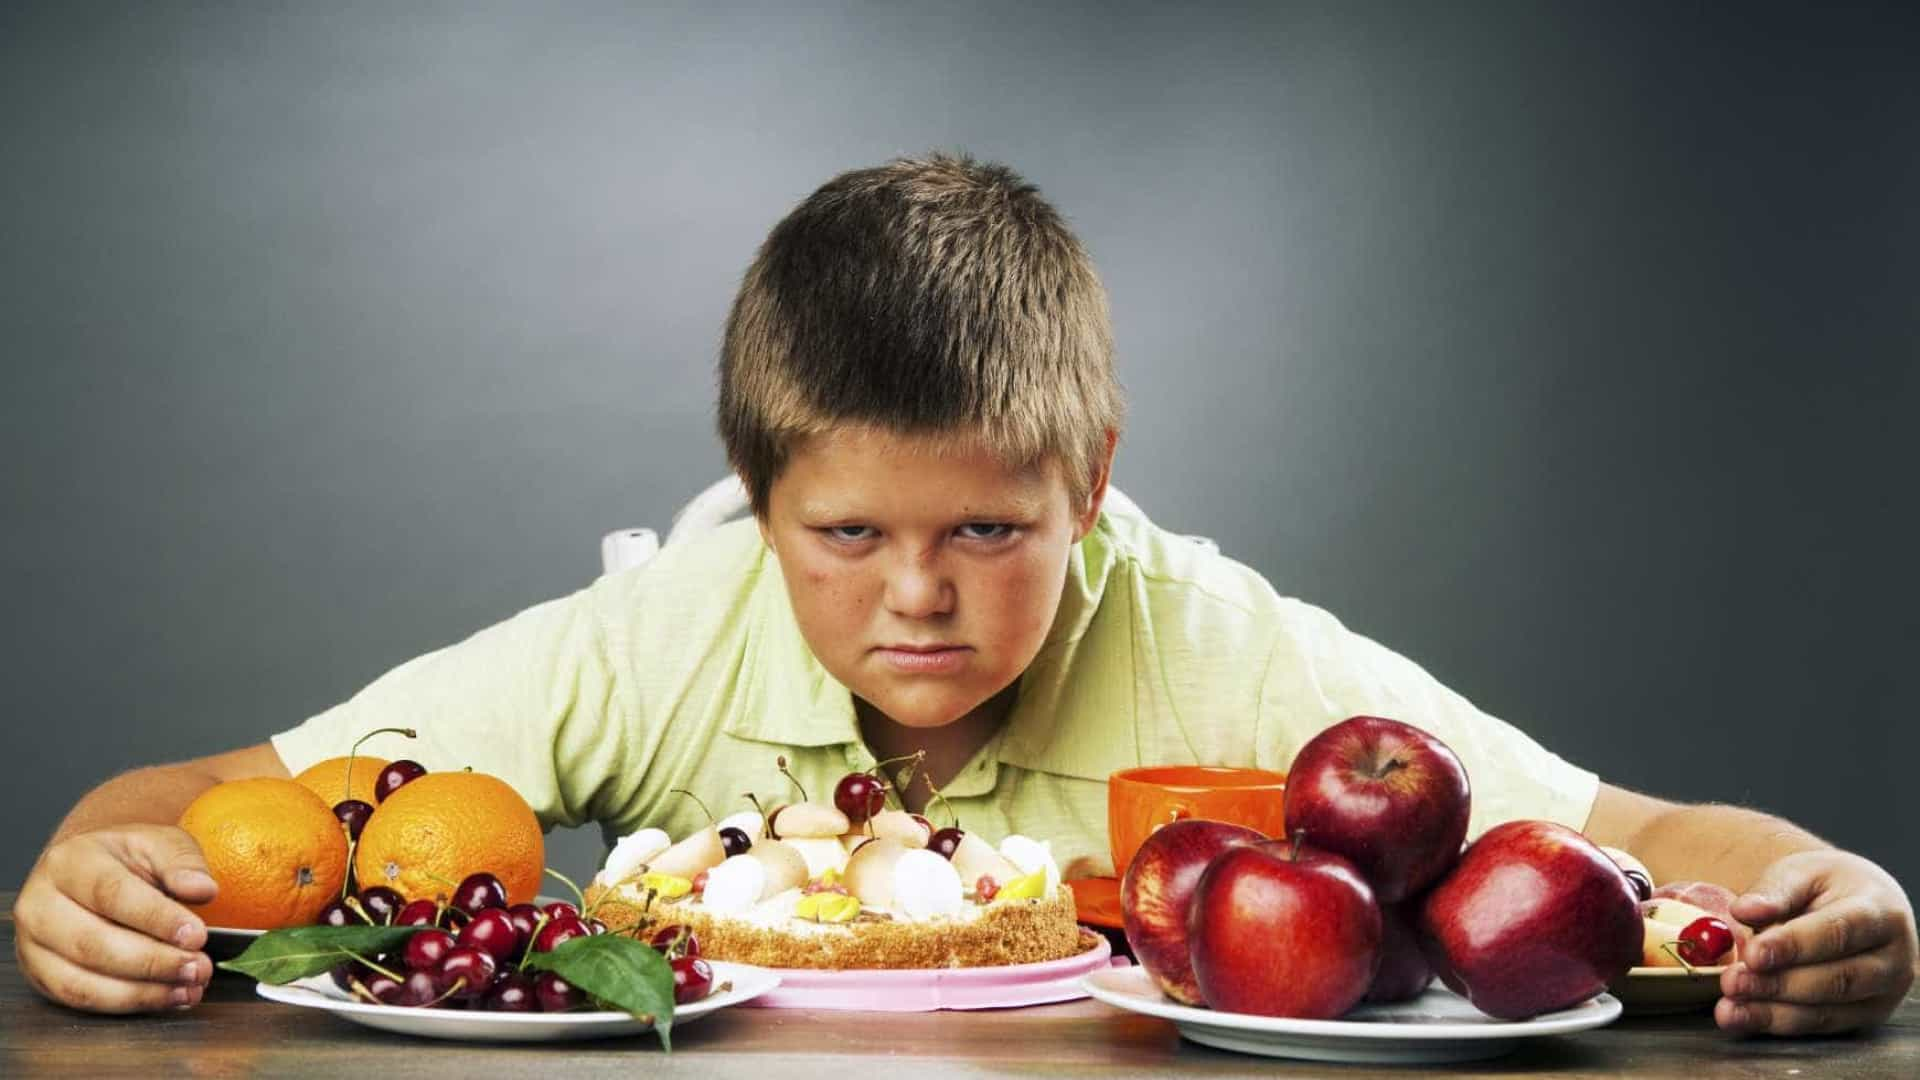 Obesidade infantil: Mais comida, mais peso, mais bullying